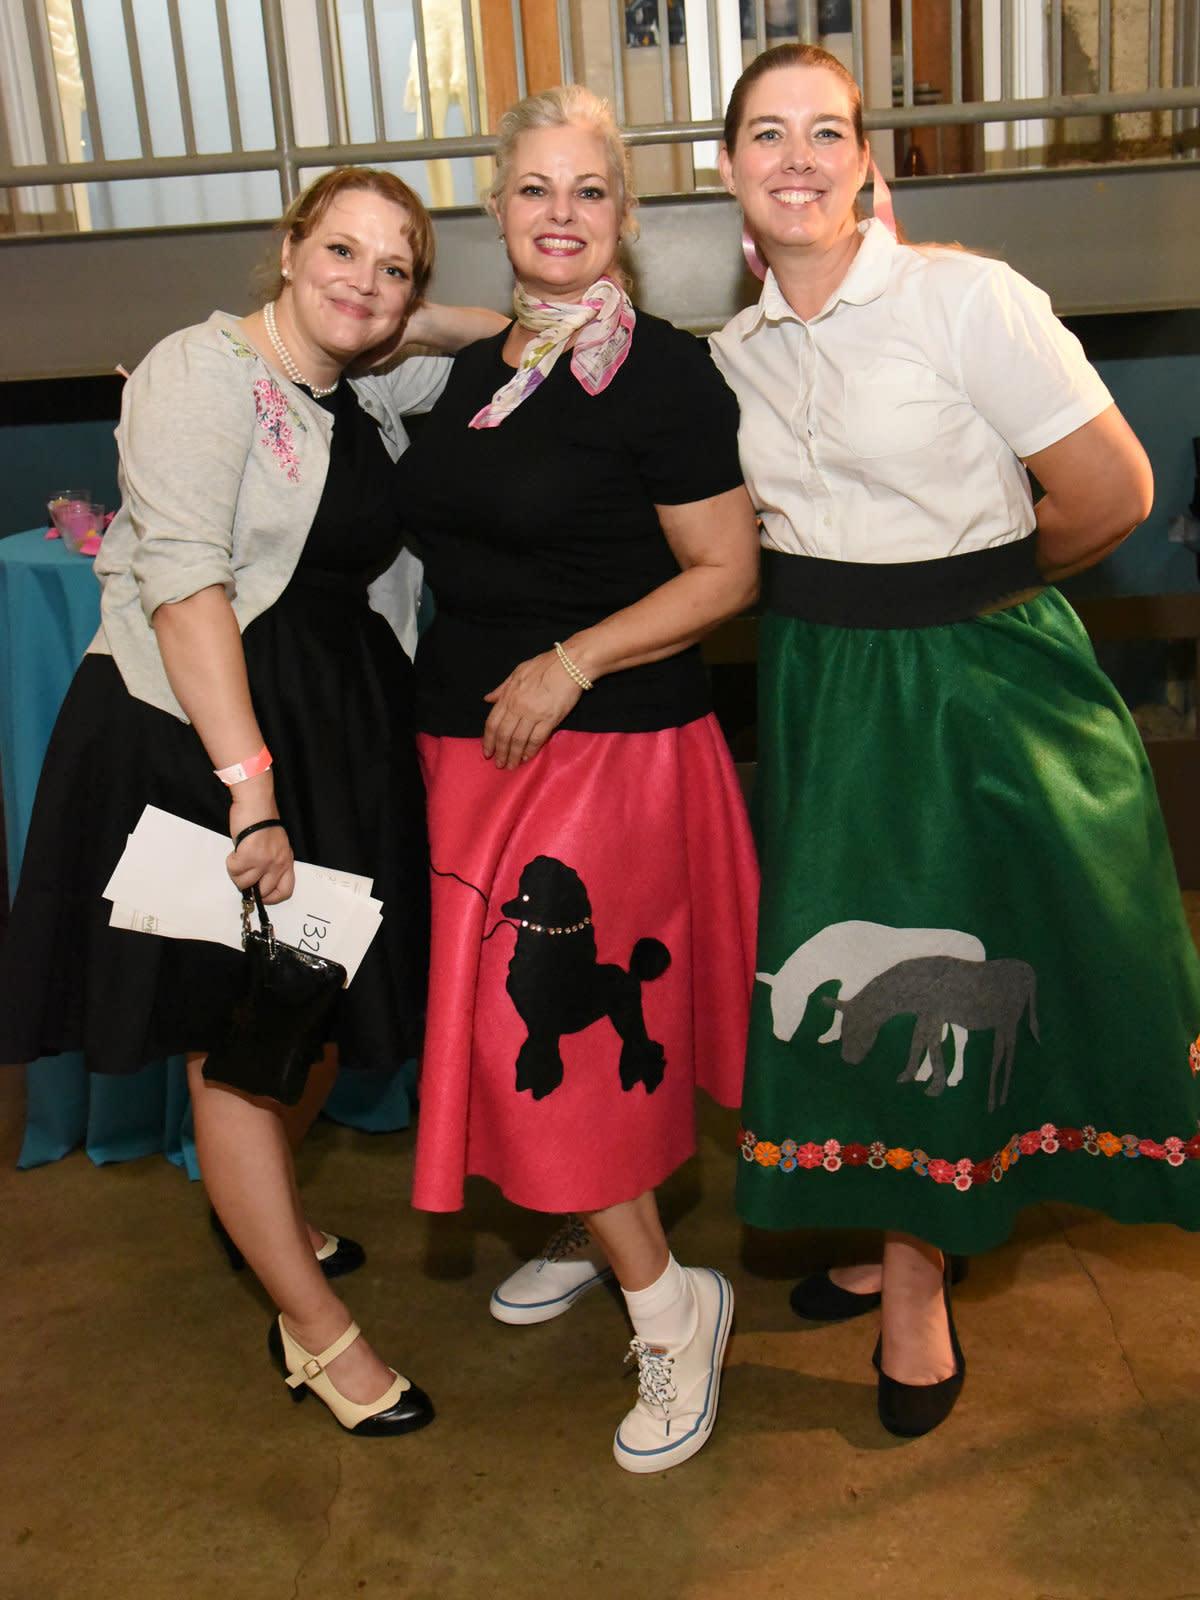 Darlene Schneider, Yvette Grove, Bonnie Cooley